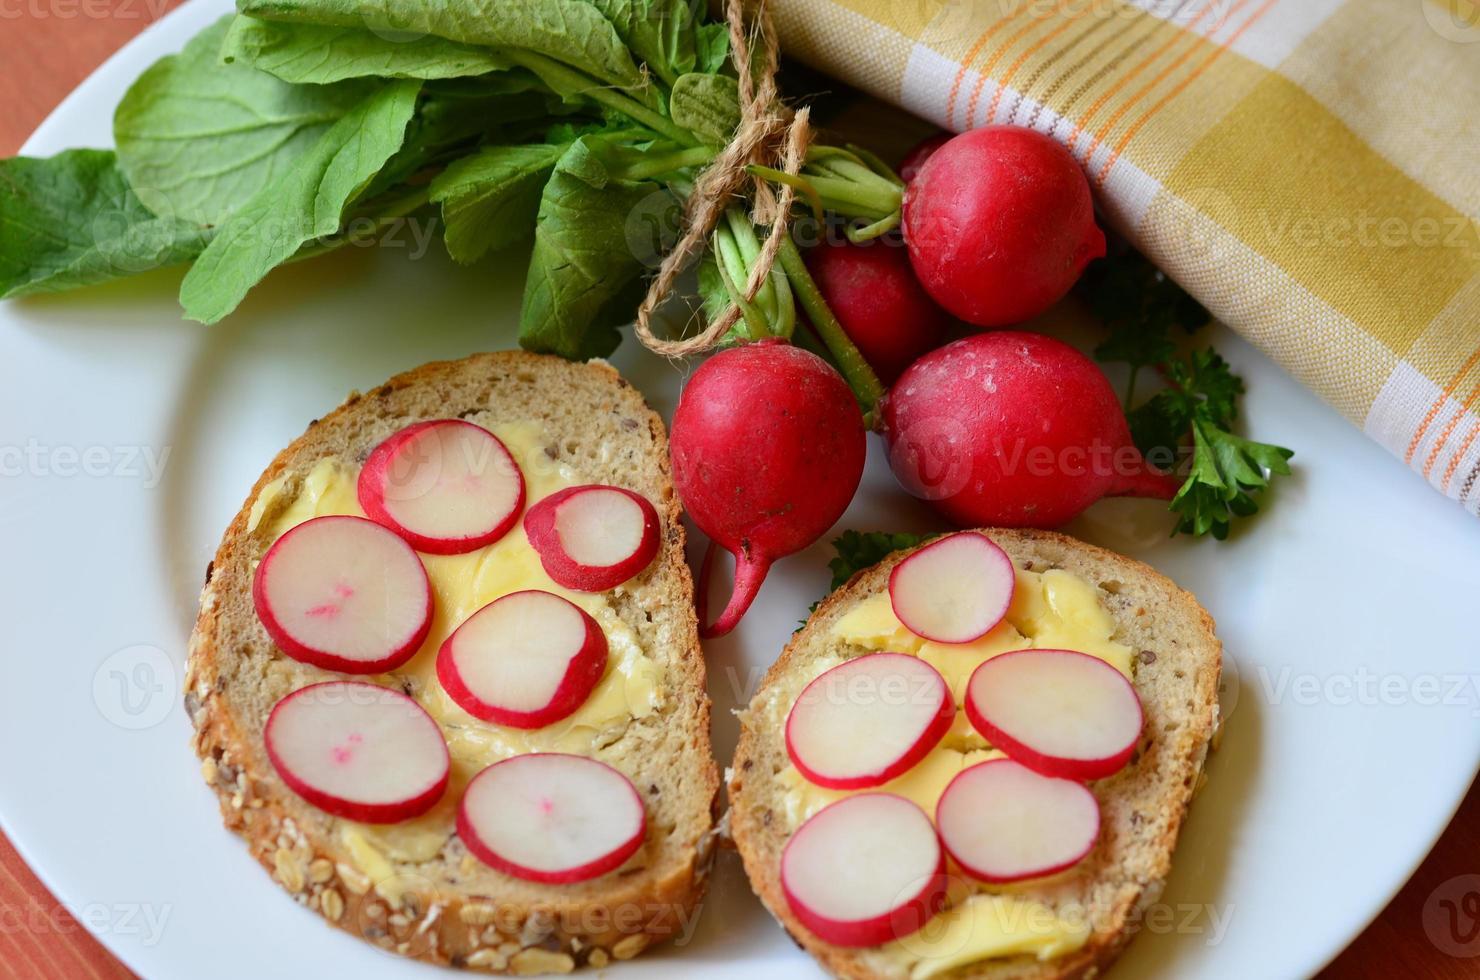 bando de rabanetes com pão de cereais na chapa branca foto